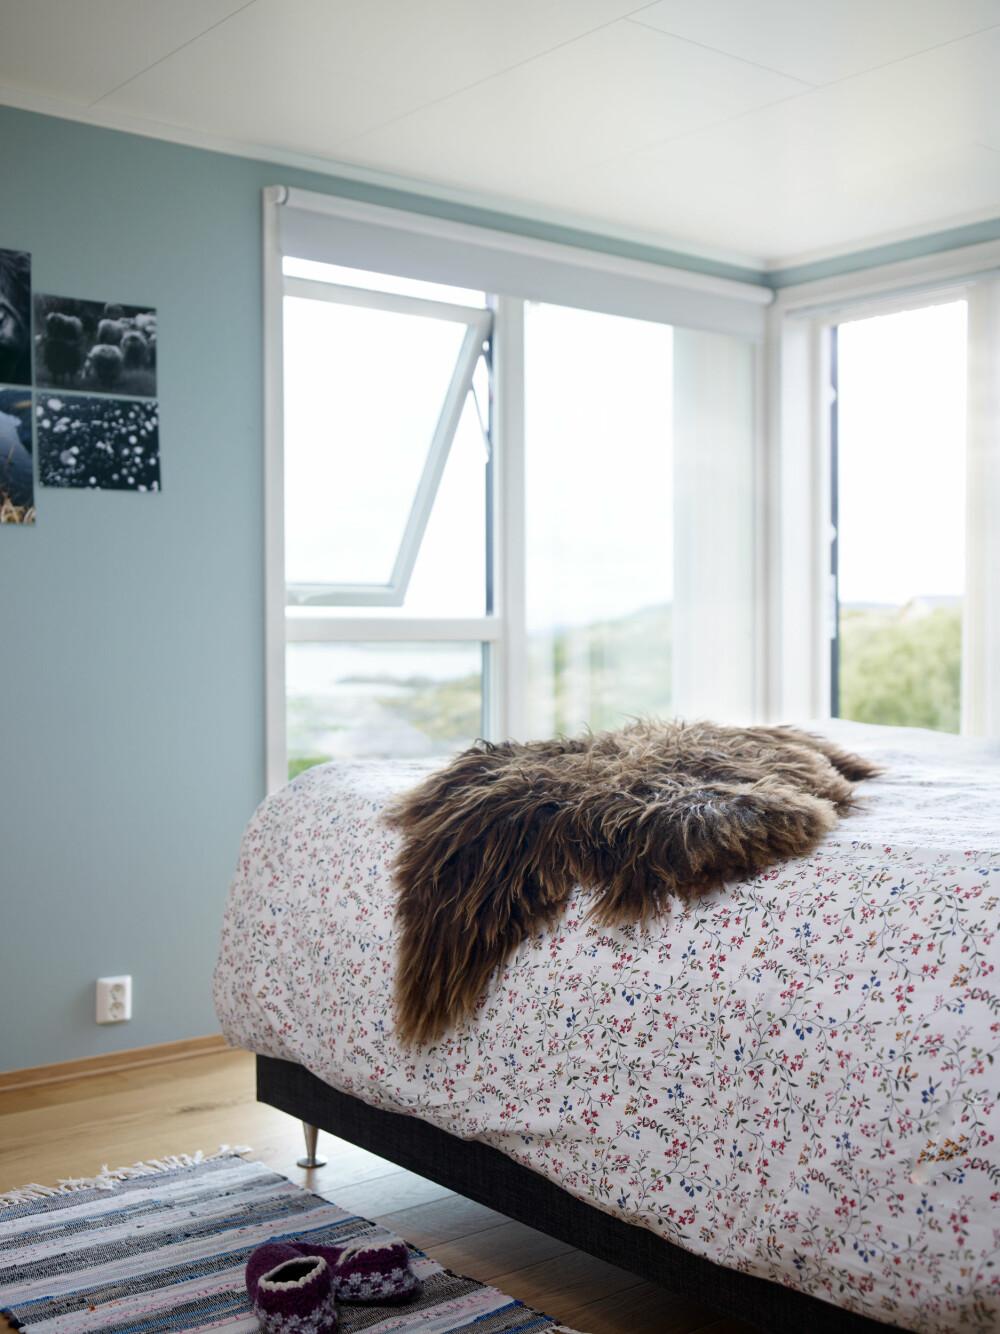 SOVEROM: Soverommet har også store vinduer som åpner opp mot den flotte utsikten.